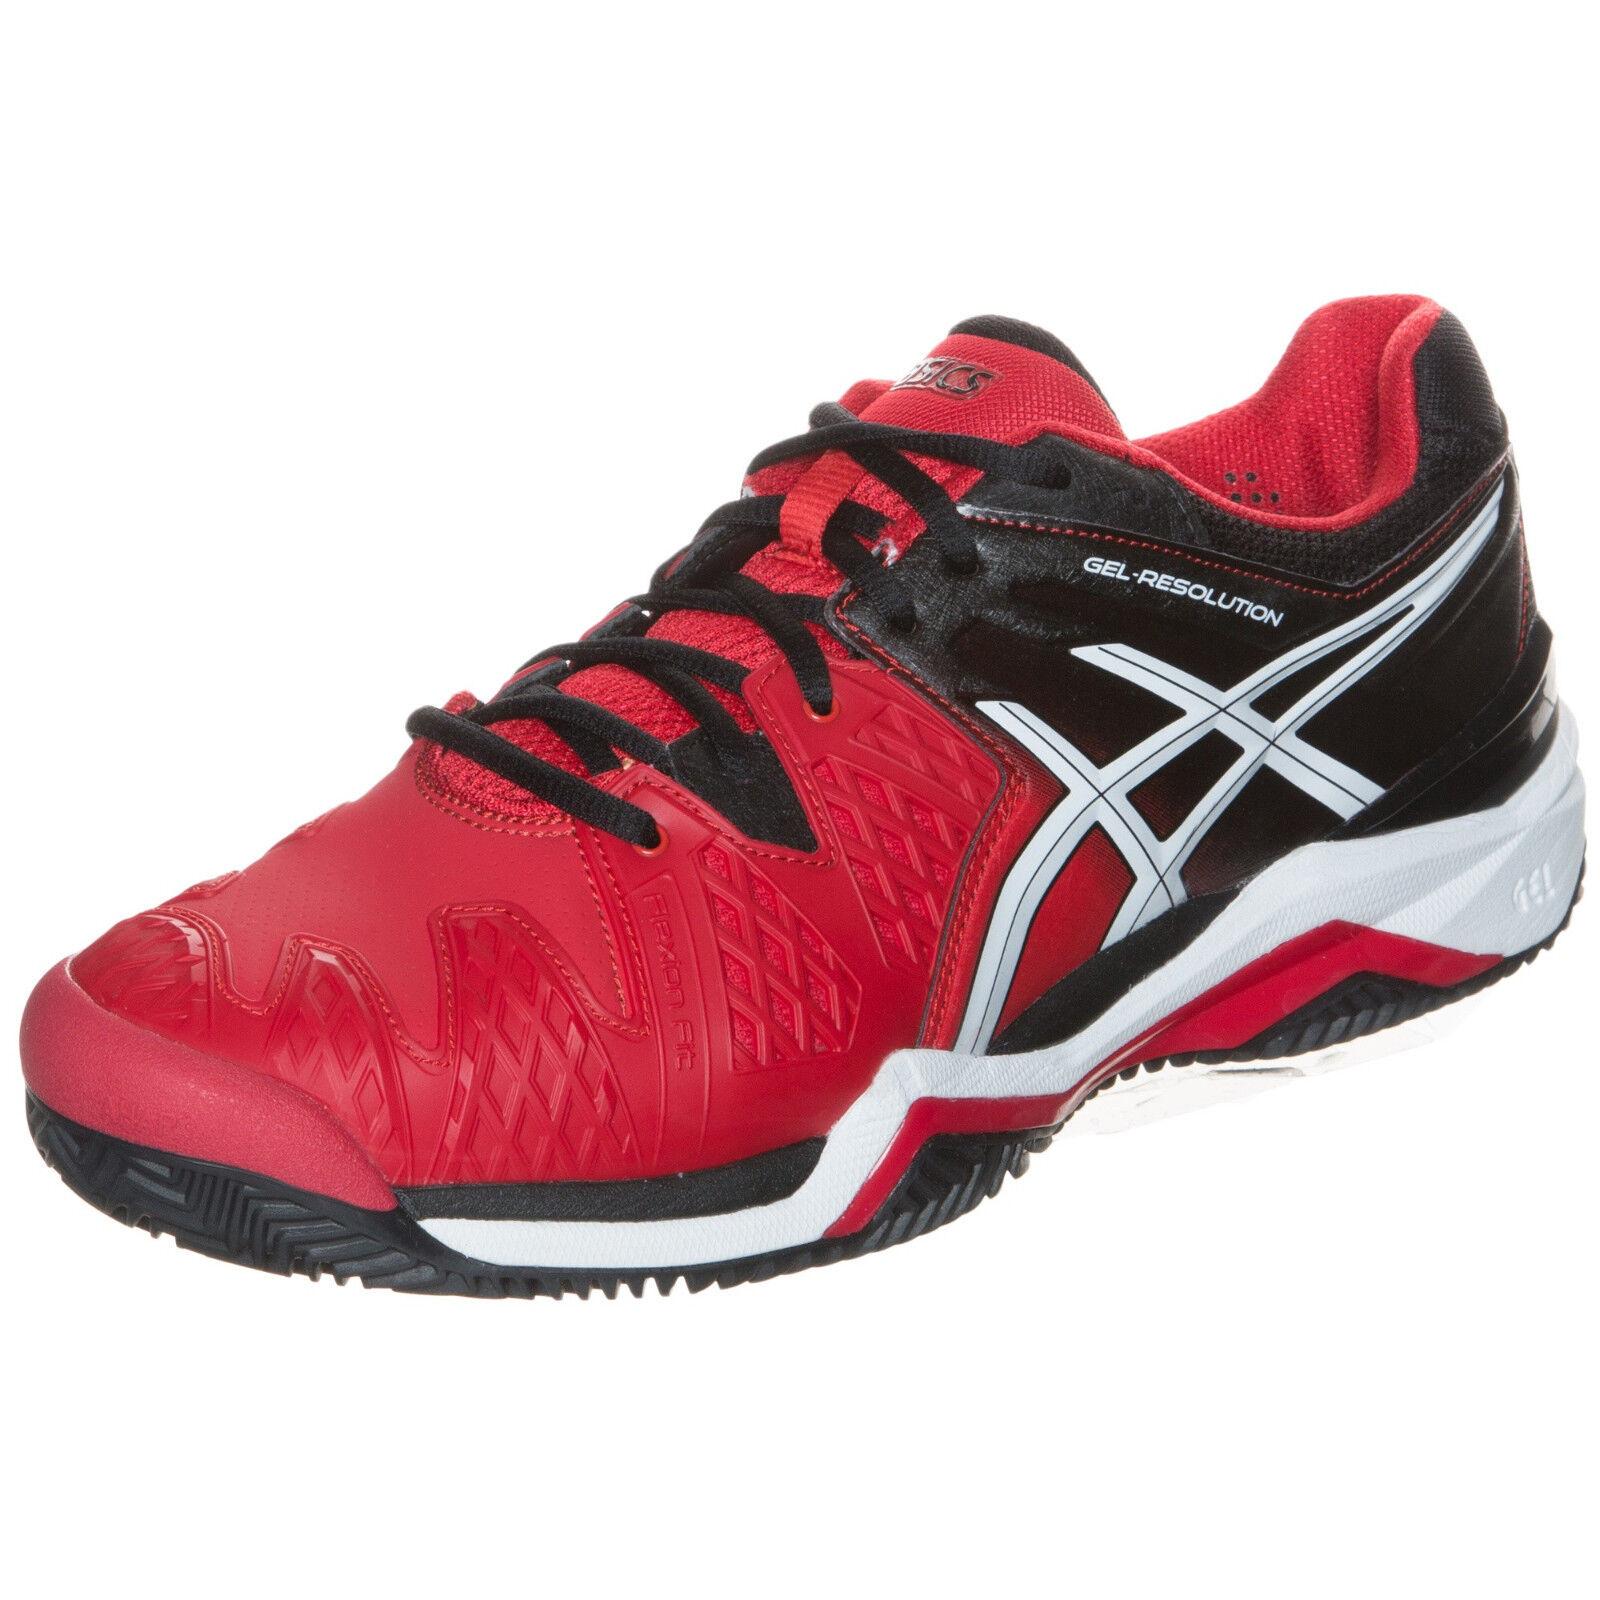 Asics Gel de resolución 6 Para hombres Zapatos tenis de arcilla Zapatillas-Rojo Negro-reg  140